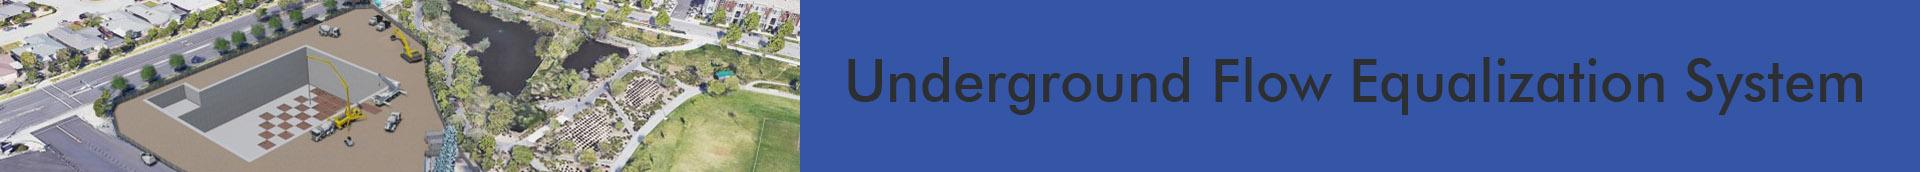 Underground Flow Equalization System